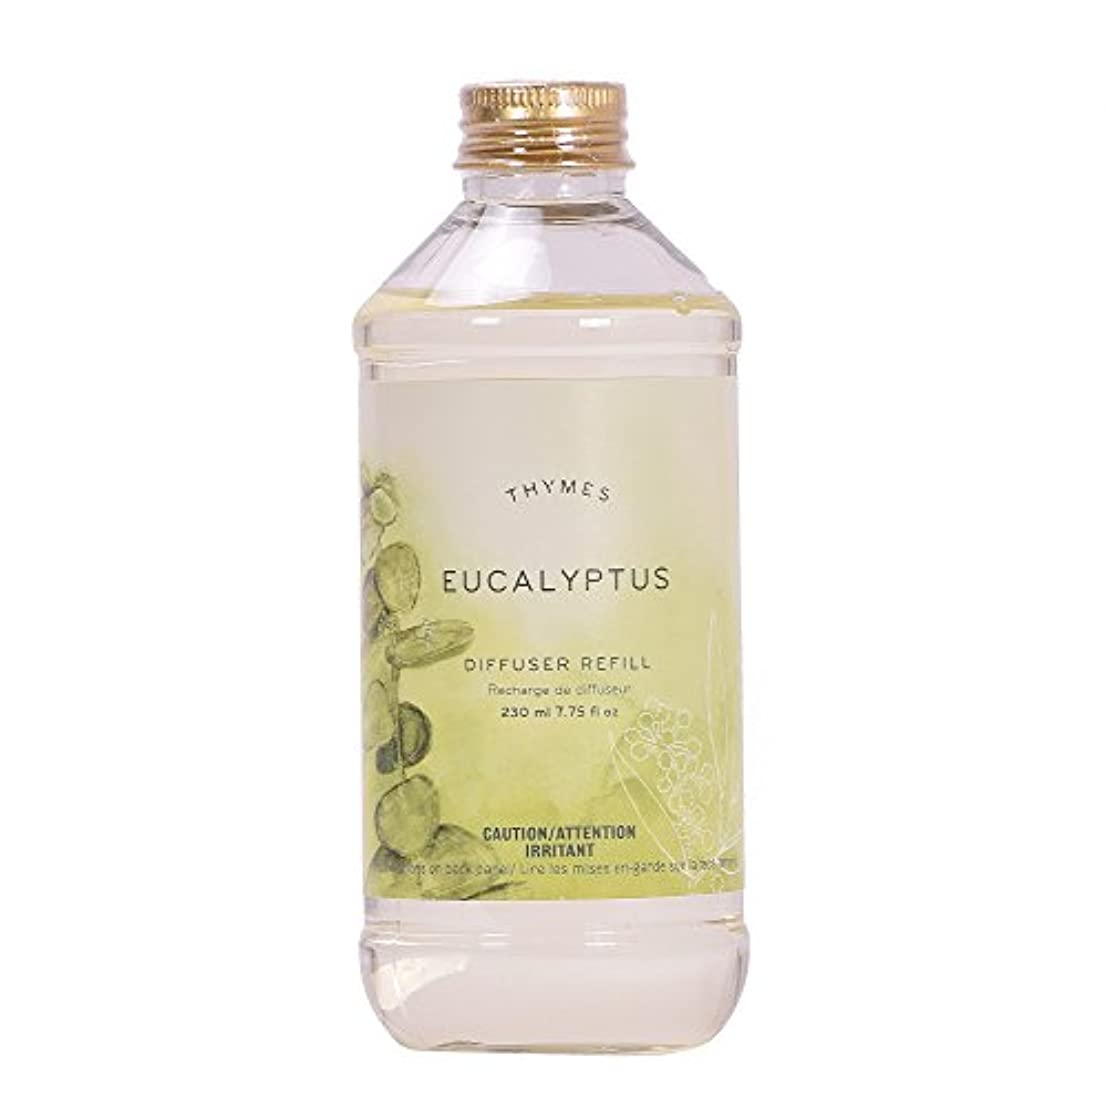 形状天才選挙タイムズ Aromatic Diffuser Refill - Eucalyptus -並行輸入品